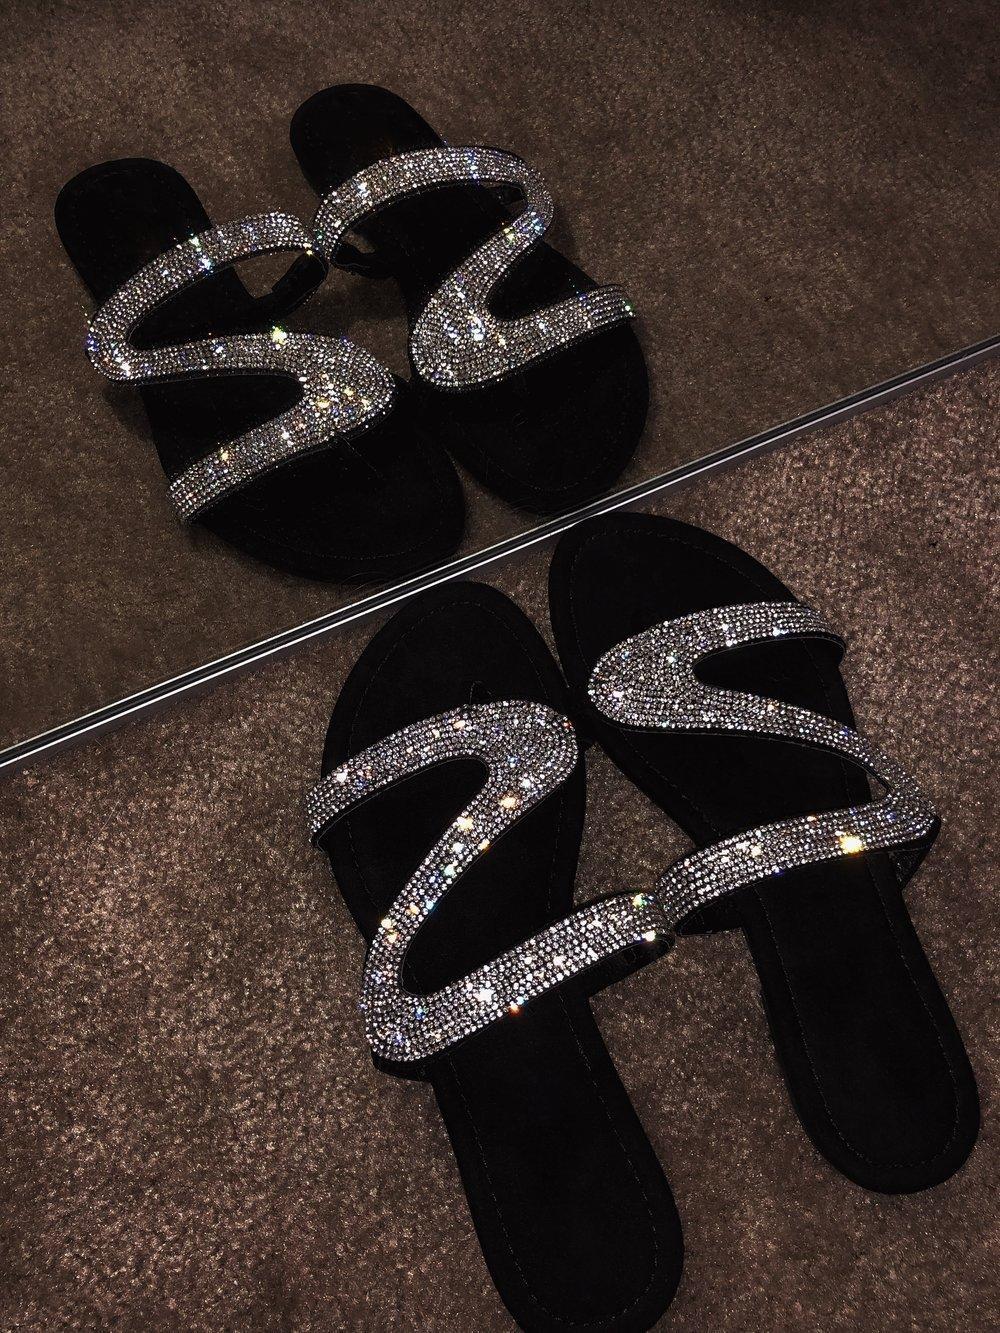 2020 nuevos zapatos de las mujeres del rhinestone de explosiones deslizadores de las sandalias sandalias de mujer de Diseño de Moda de DHL